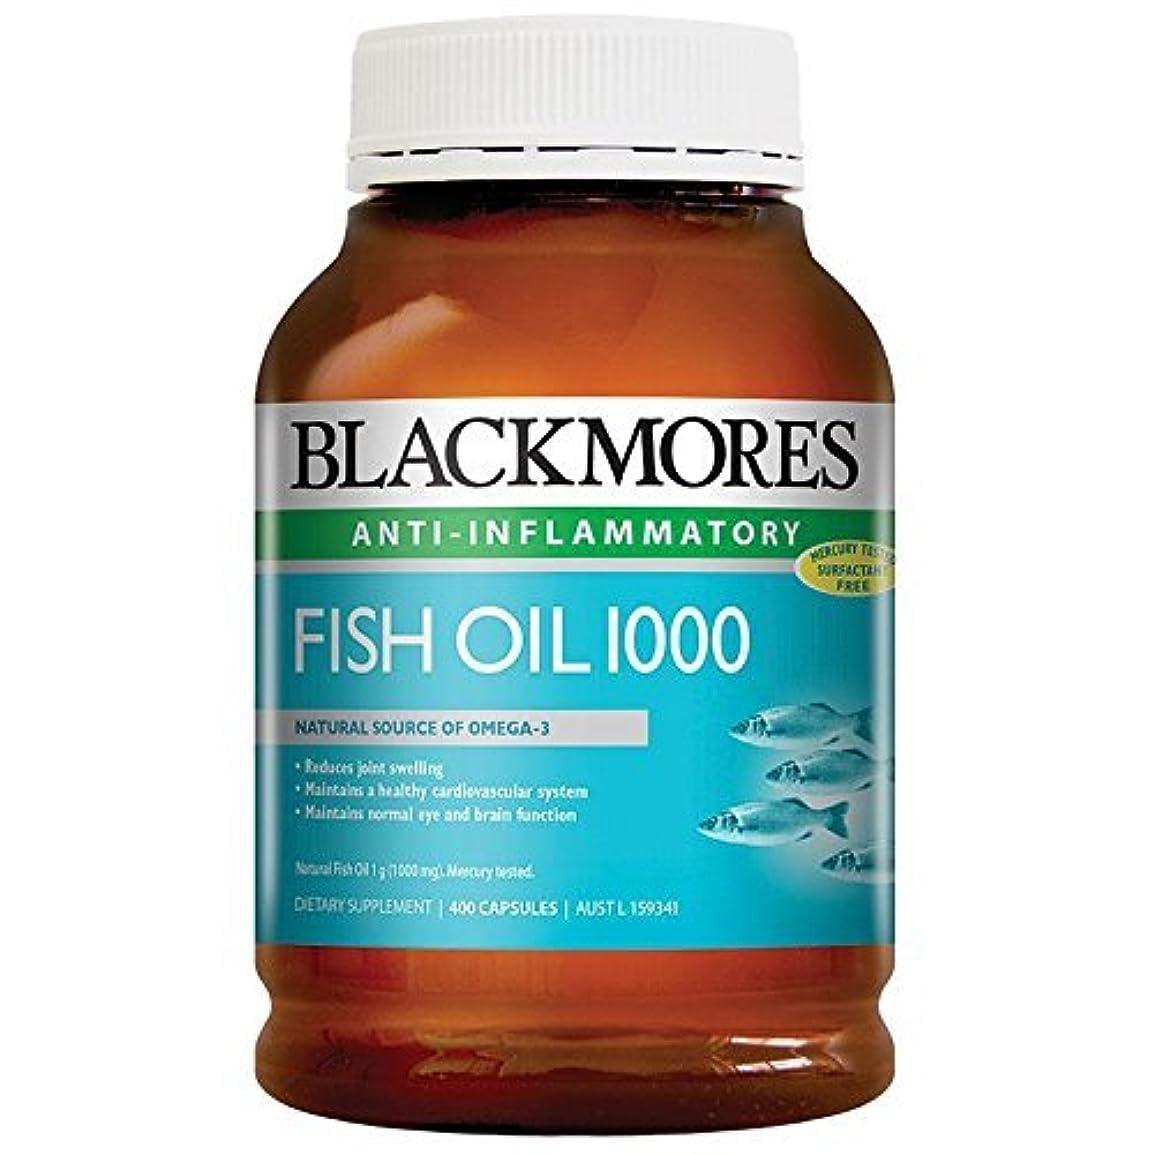 移行協力偉業Blackmores Fish Oil 400 Caps 1000 Omega3 Dha, EPA Fatty Acids with 1pcs Chinese Knot Gift by Blackmores LTD